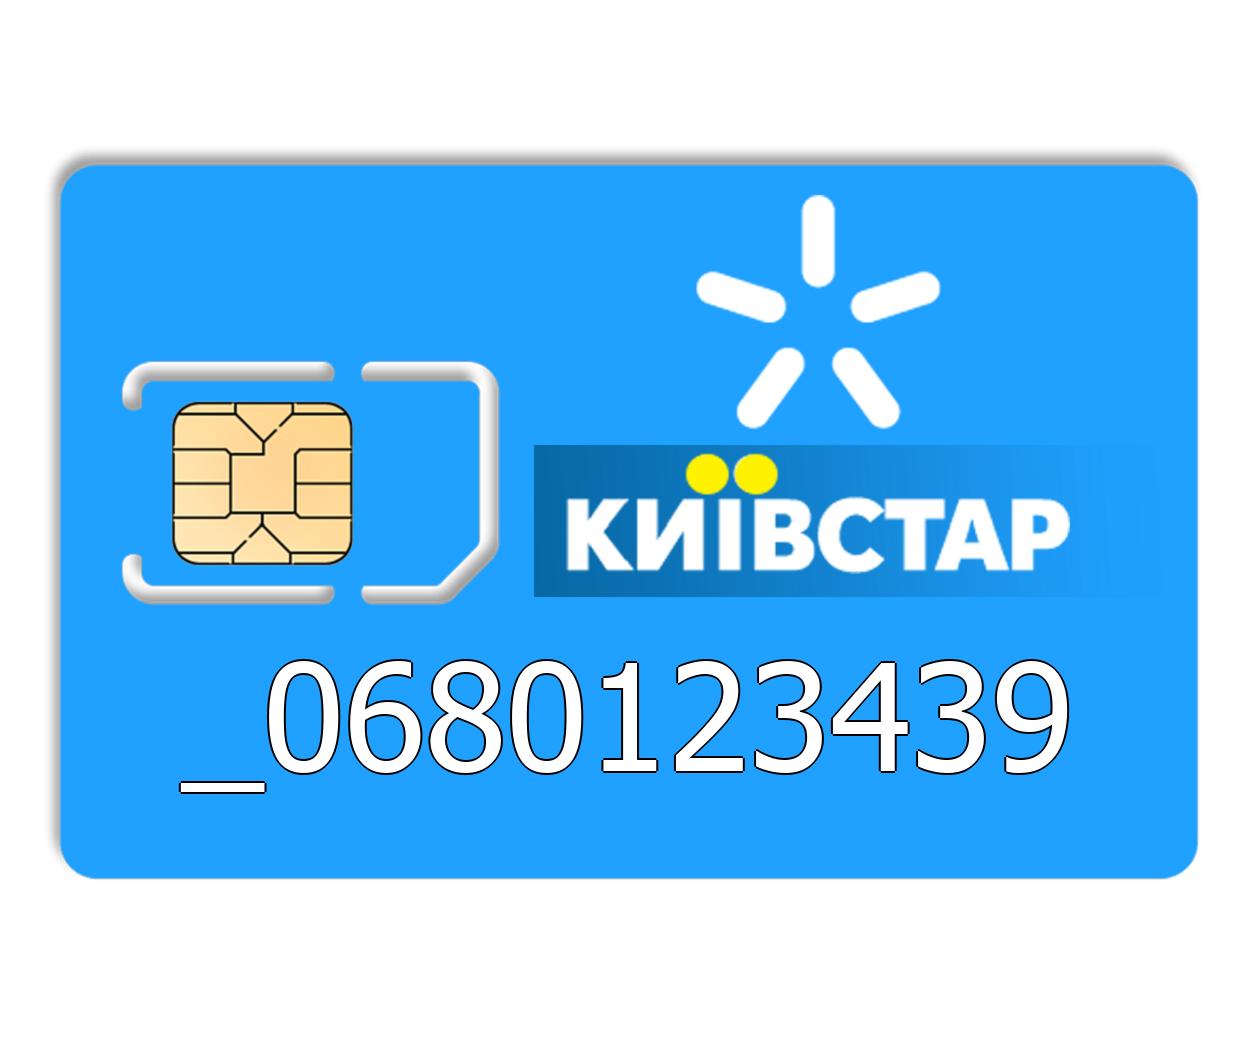 Красивый номер Киевстар 068-01234-39